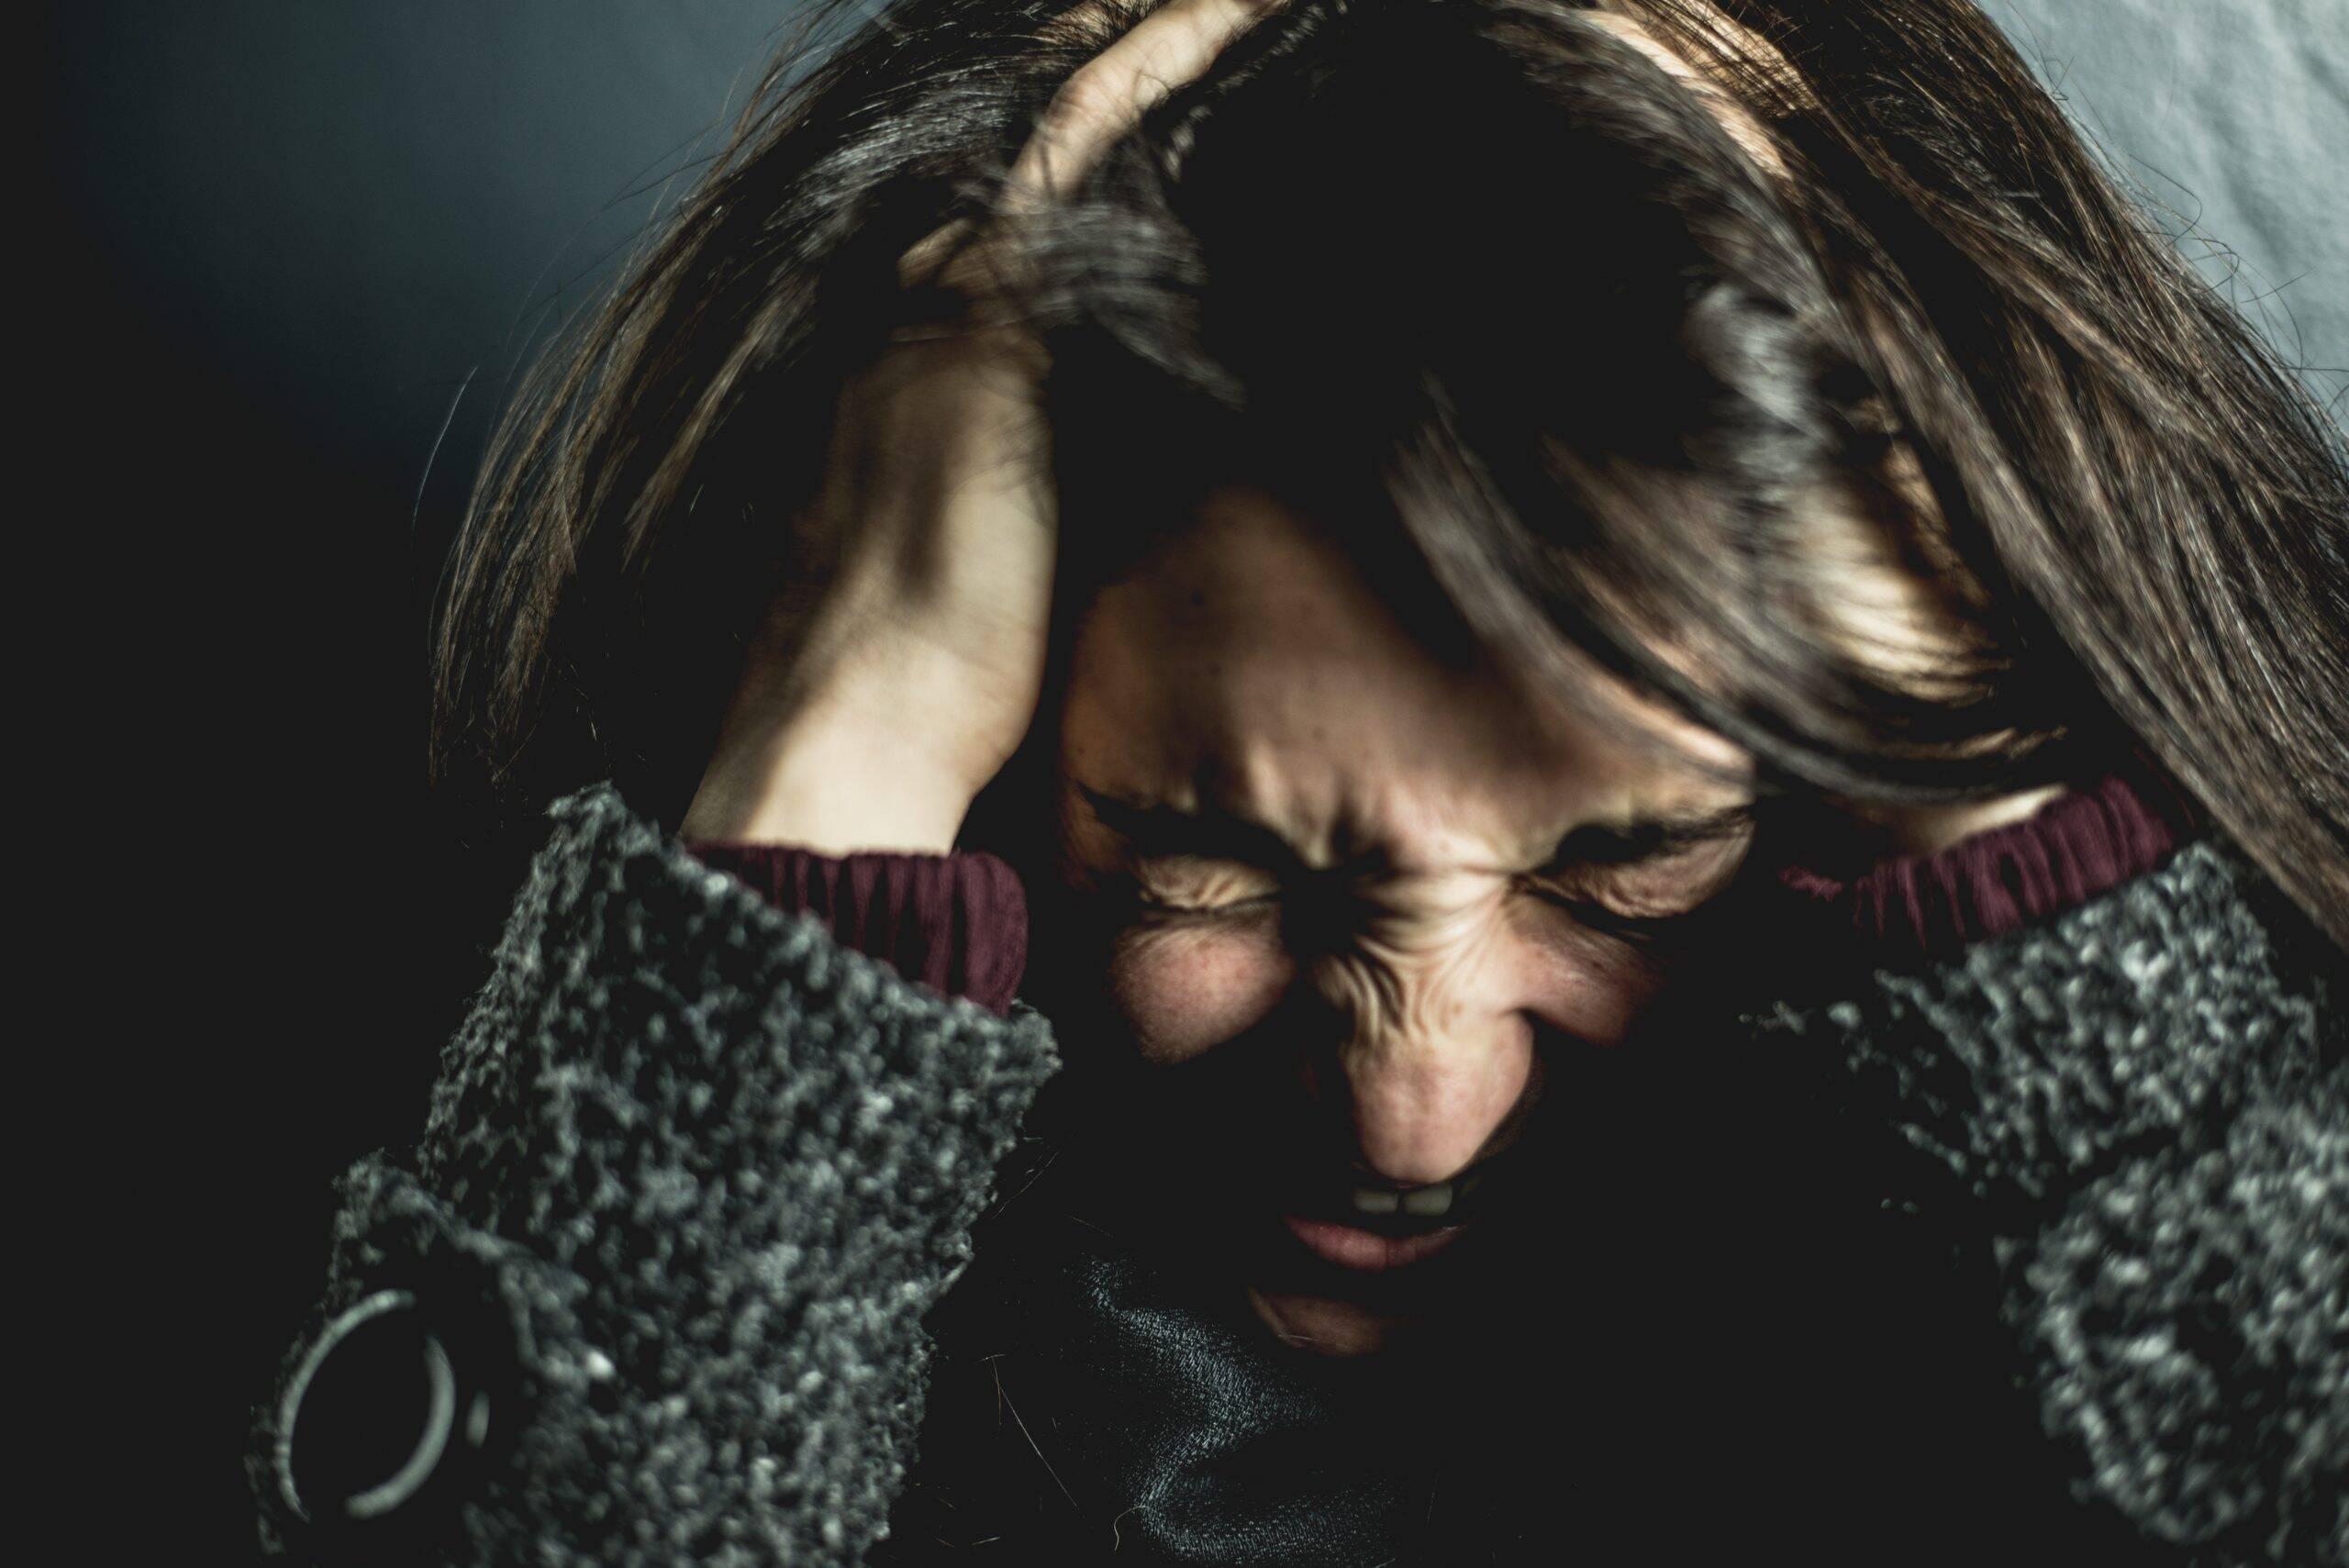 De acordo com o Nossa Saúde os sinais mais comuns do estresse excessivo podem começar com dor de cabeça e desordens do sono. (Foto: Pexels)